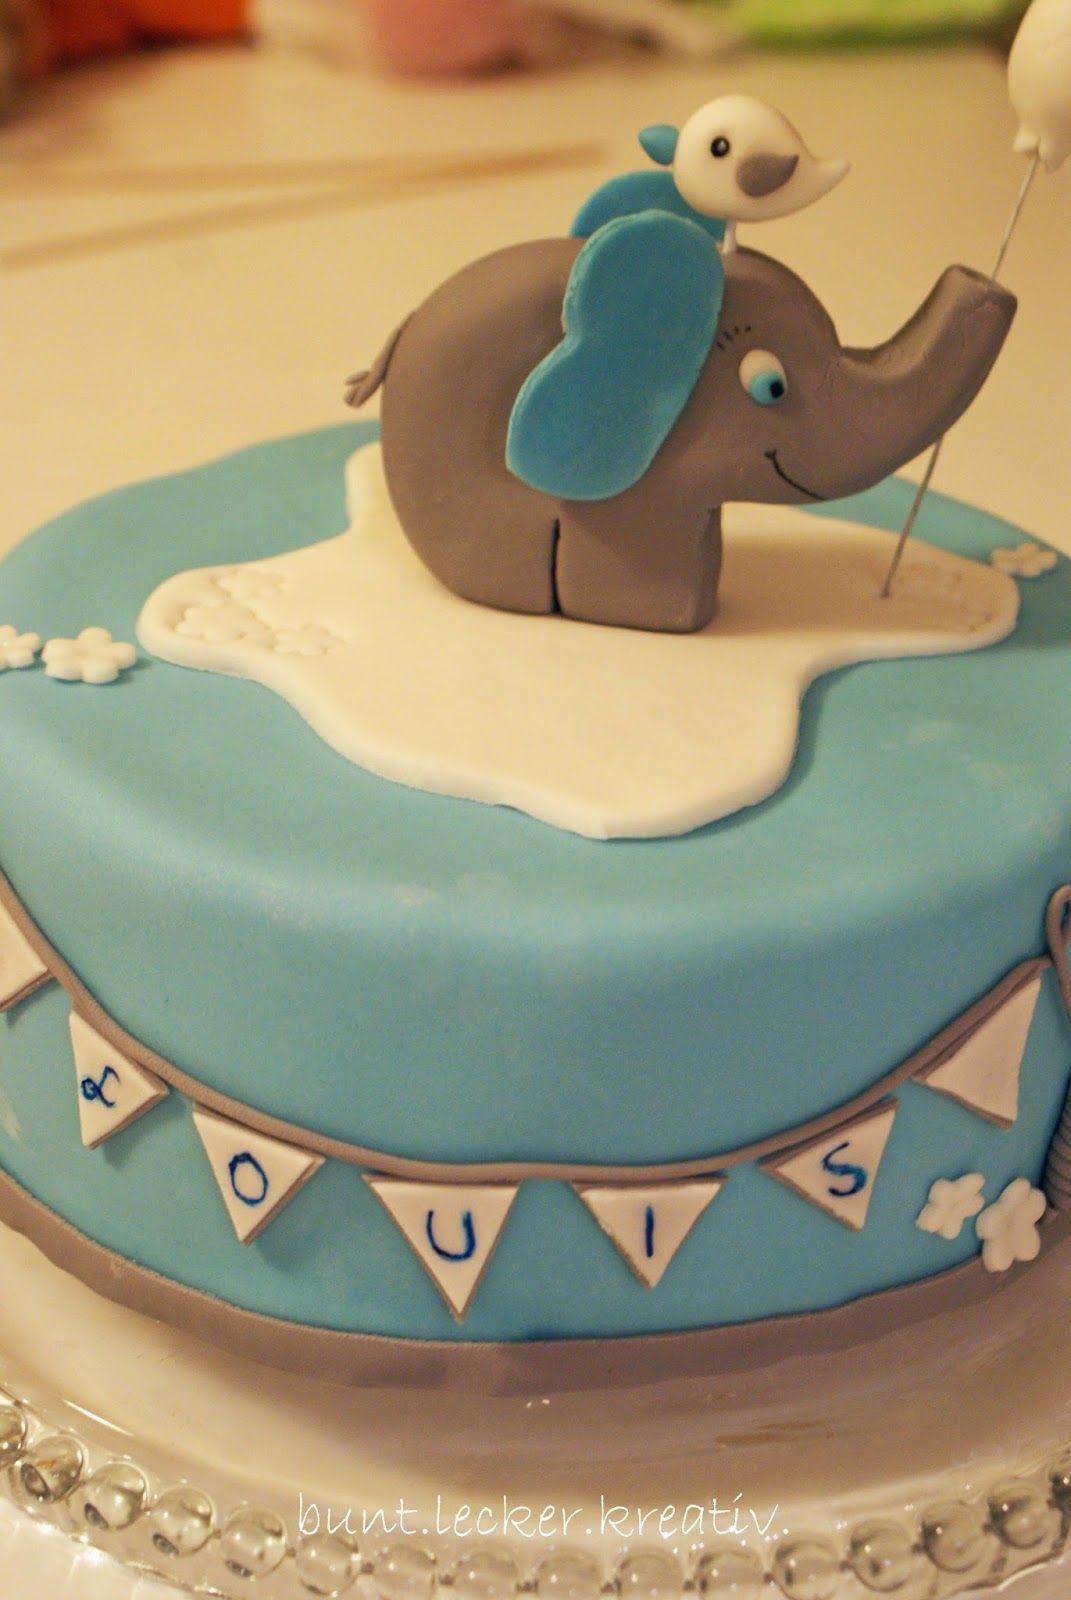 Tortchen Zum 1 Geburtstag Geburtstag Torte Junge Geburtstagstorte Torte Kindergeburtstag Junge